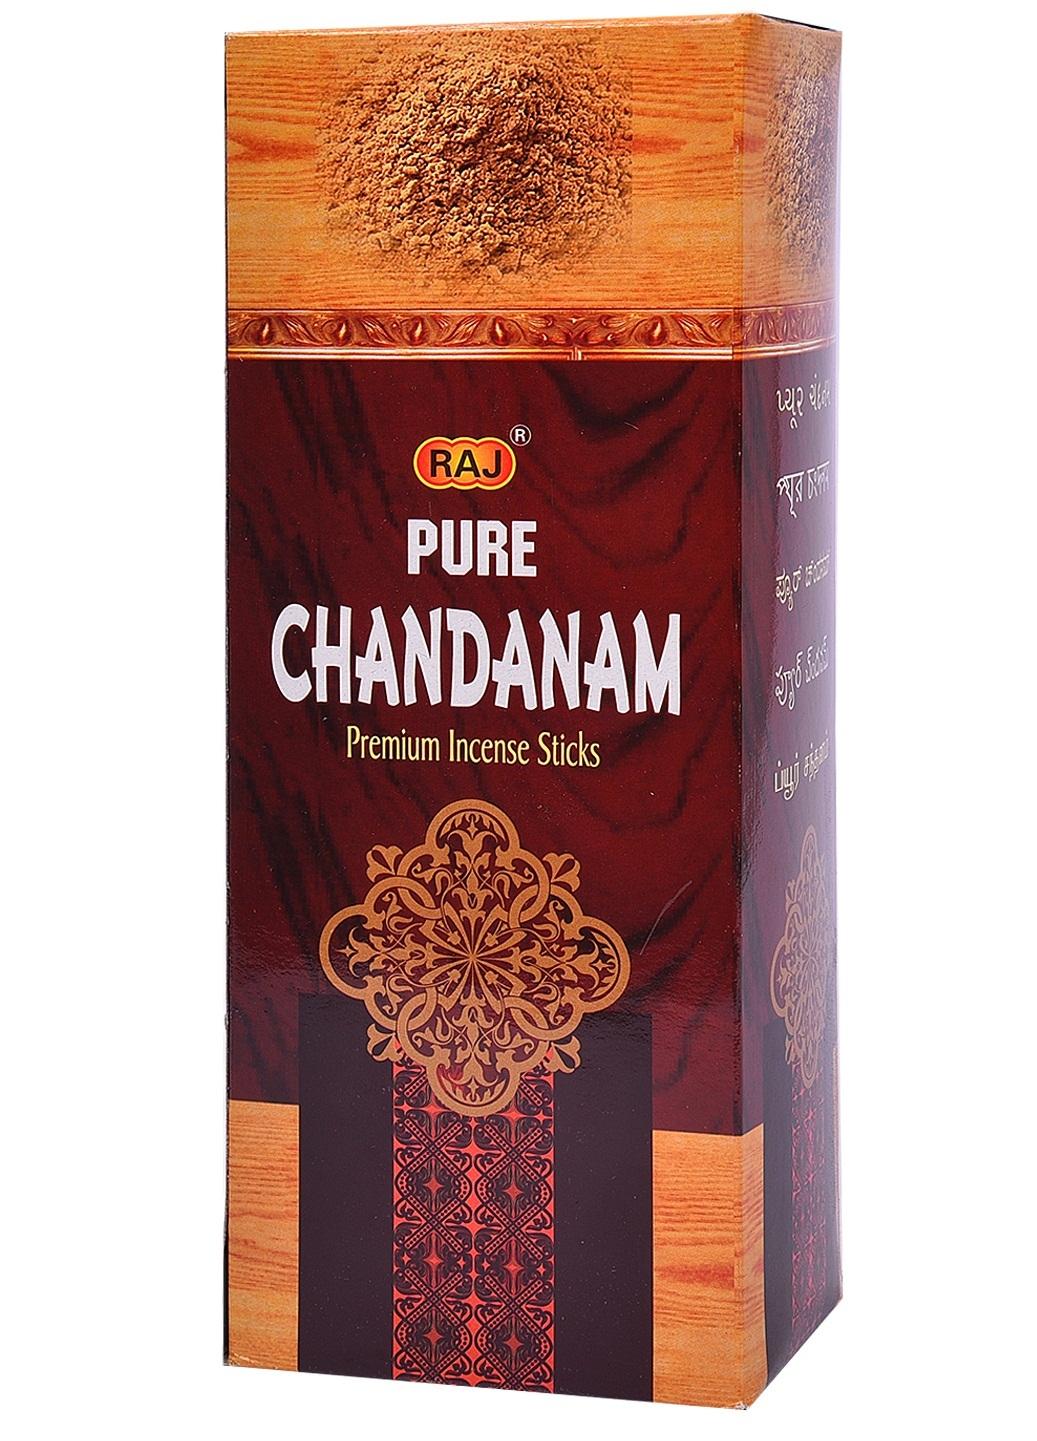 CHANDANAM pemium agarbatti